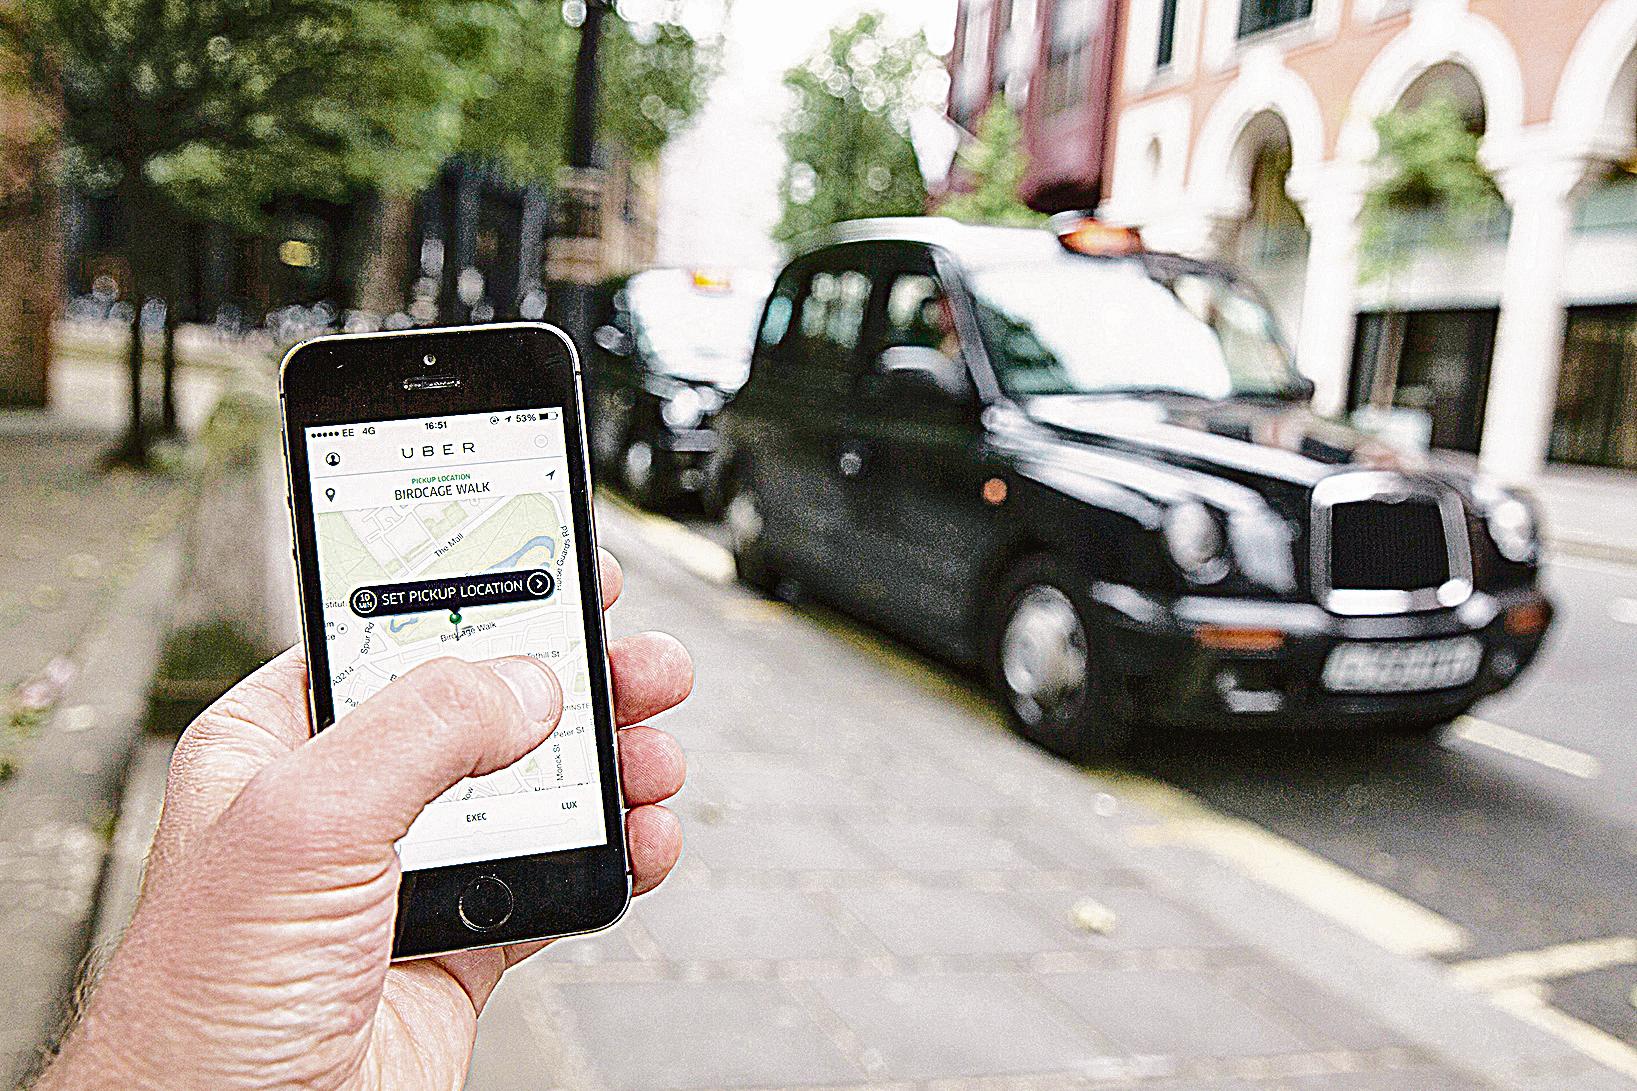 從Uber爭議 看共享經濟